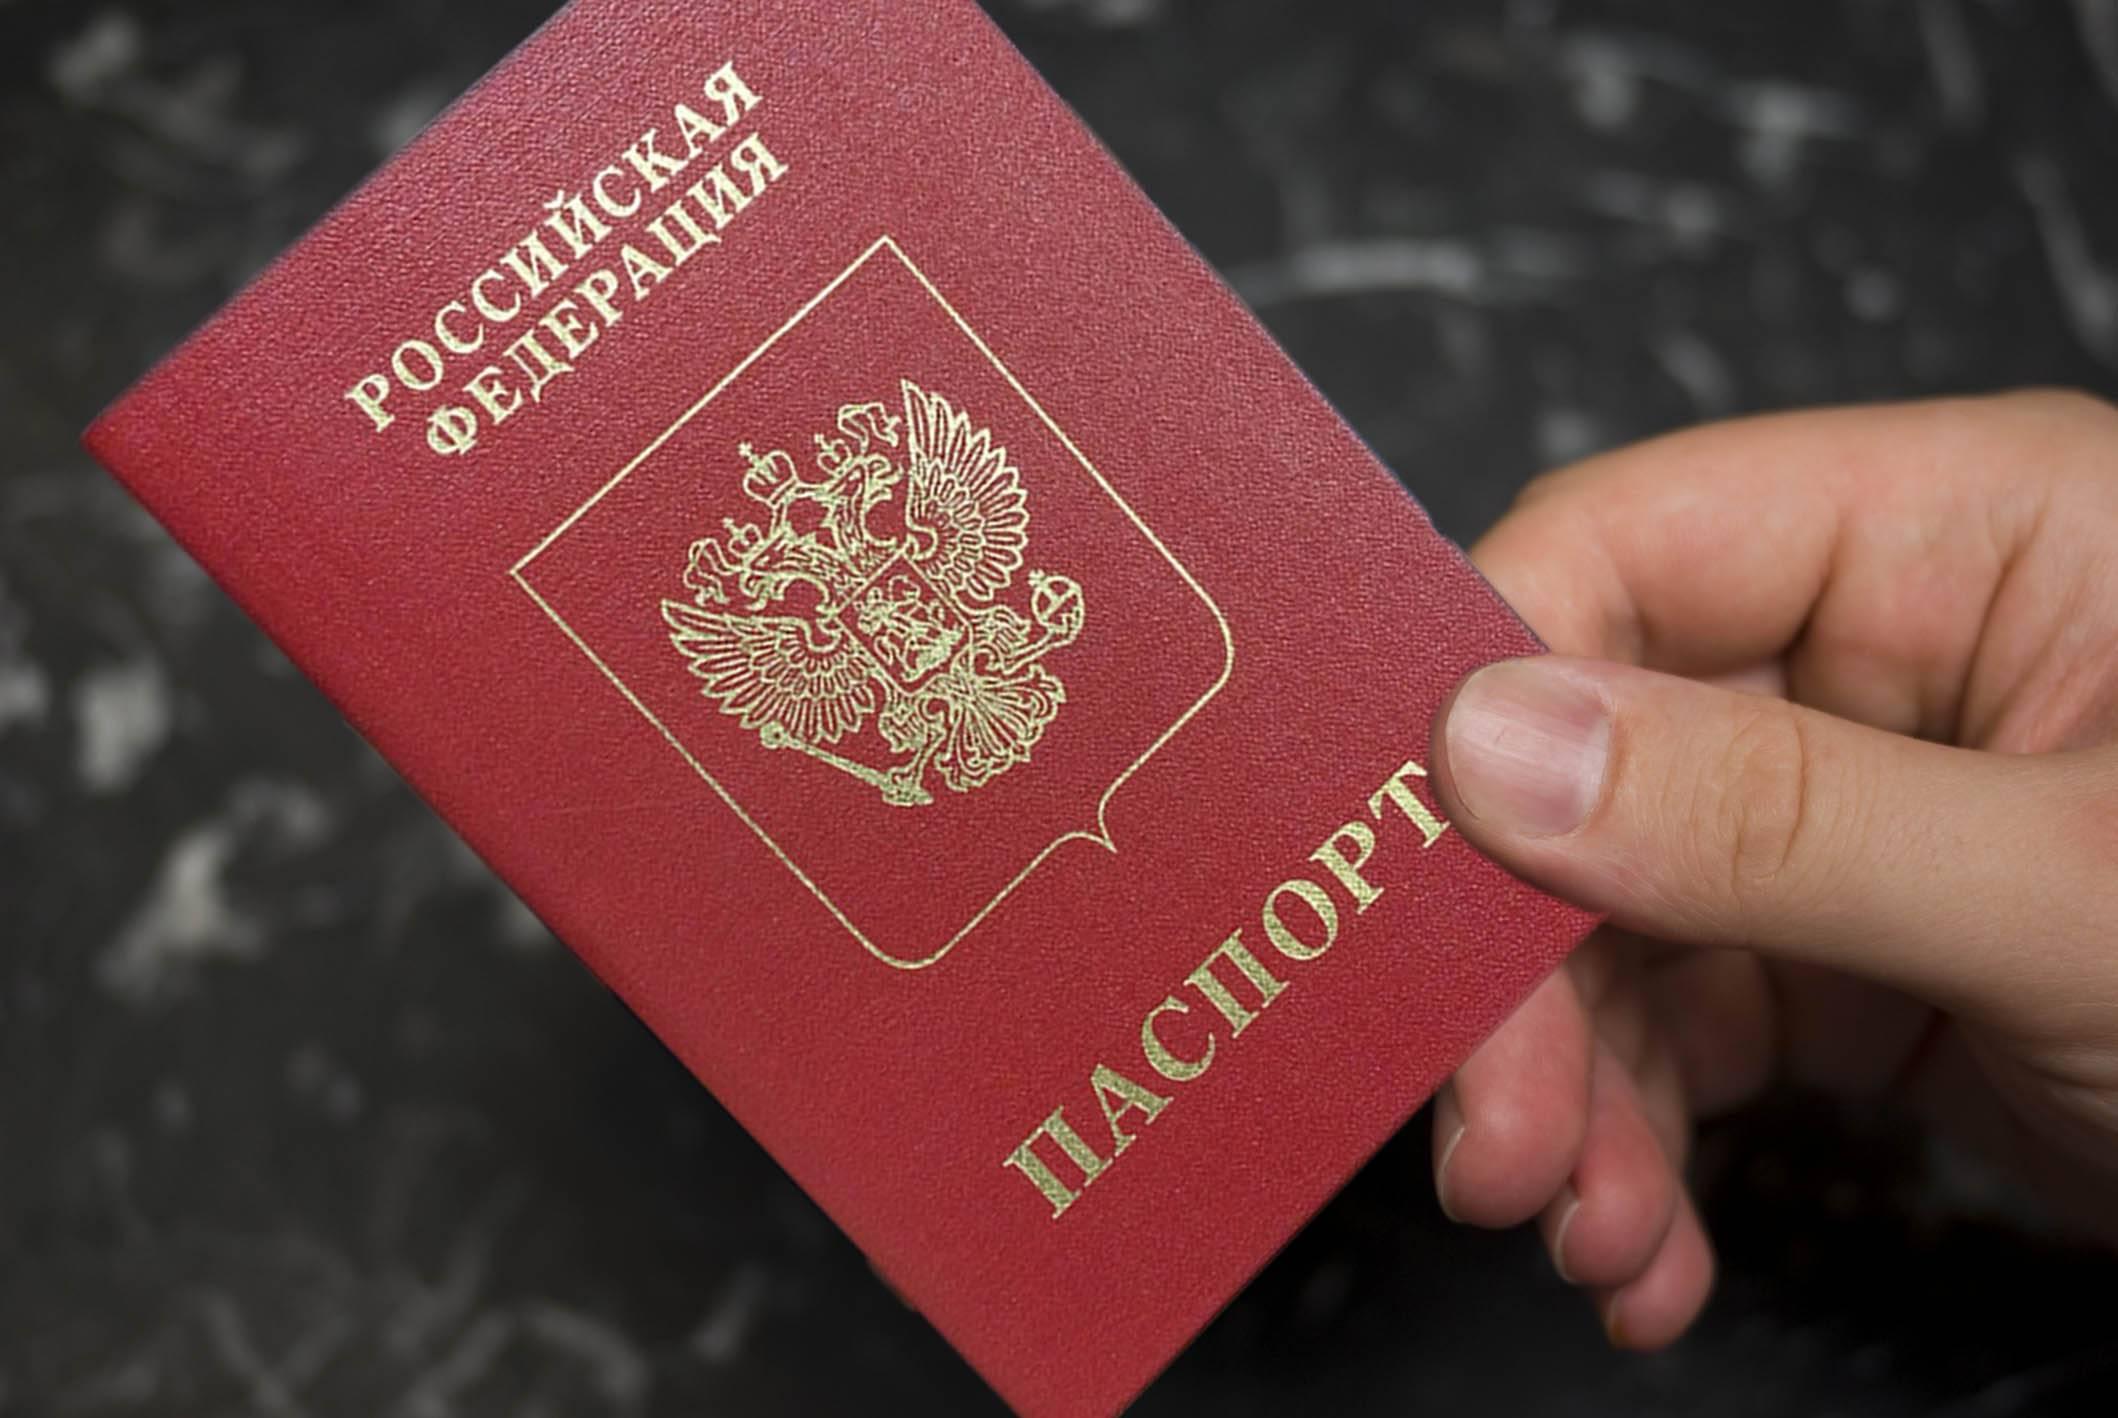 Как узнать действителен паспорт или нет